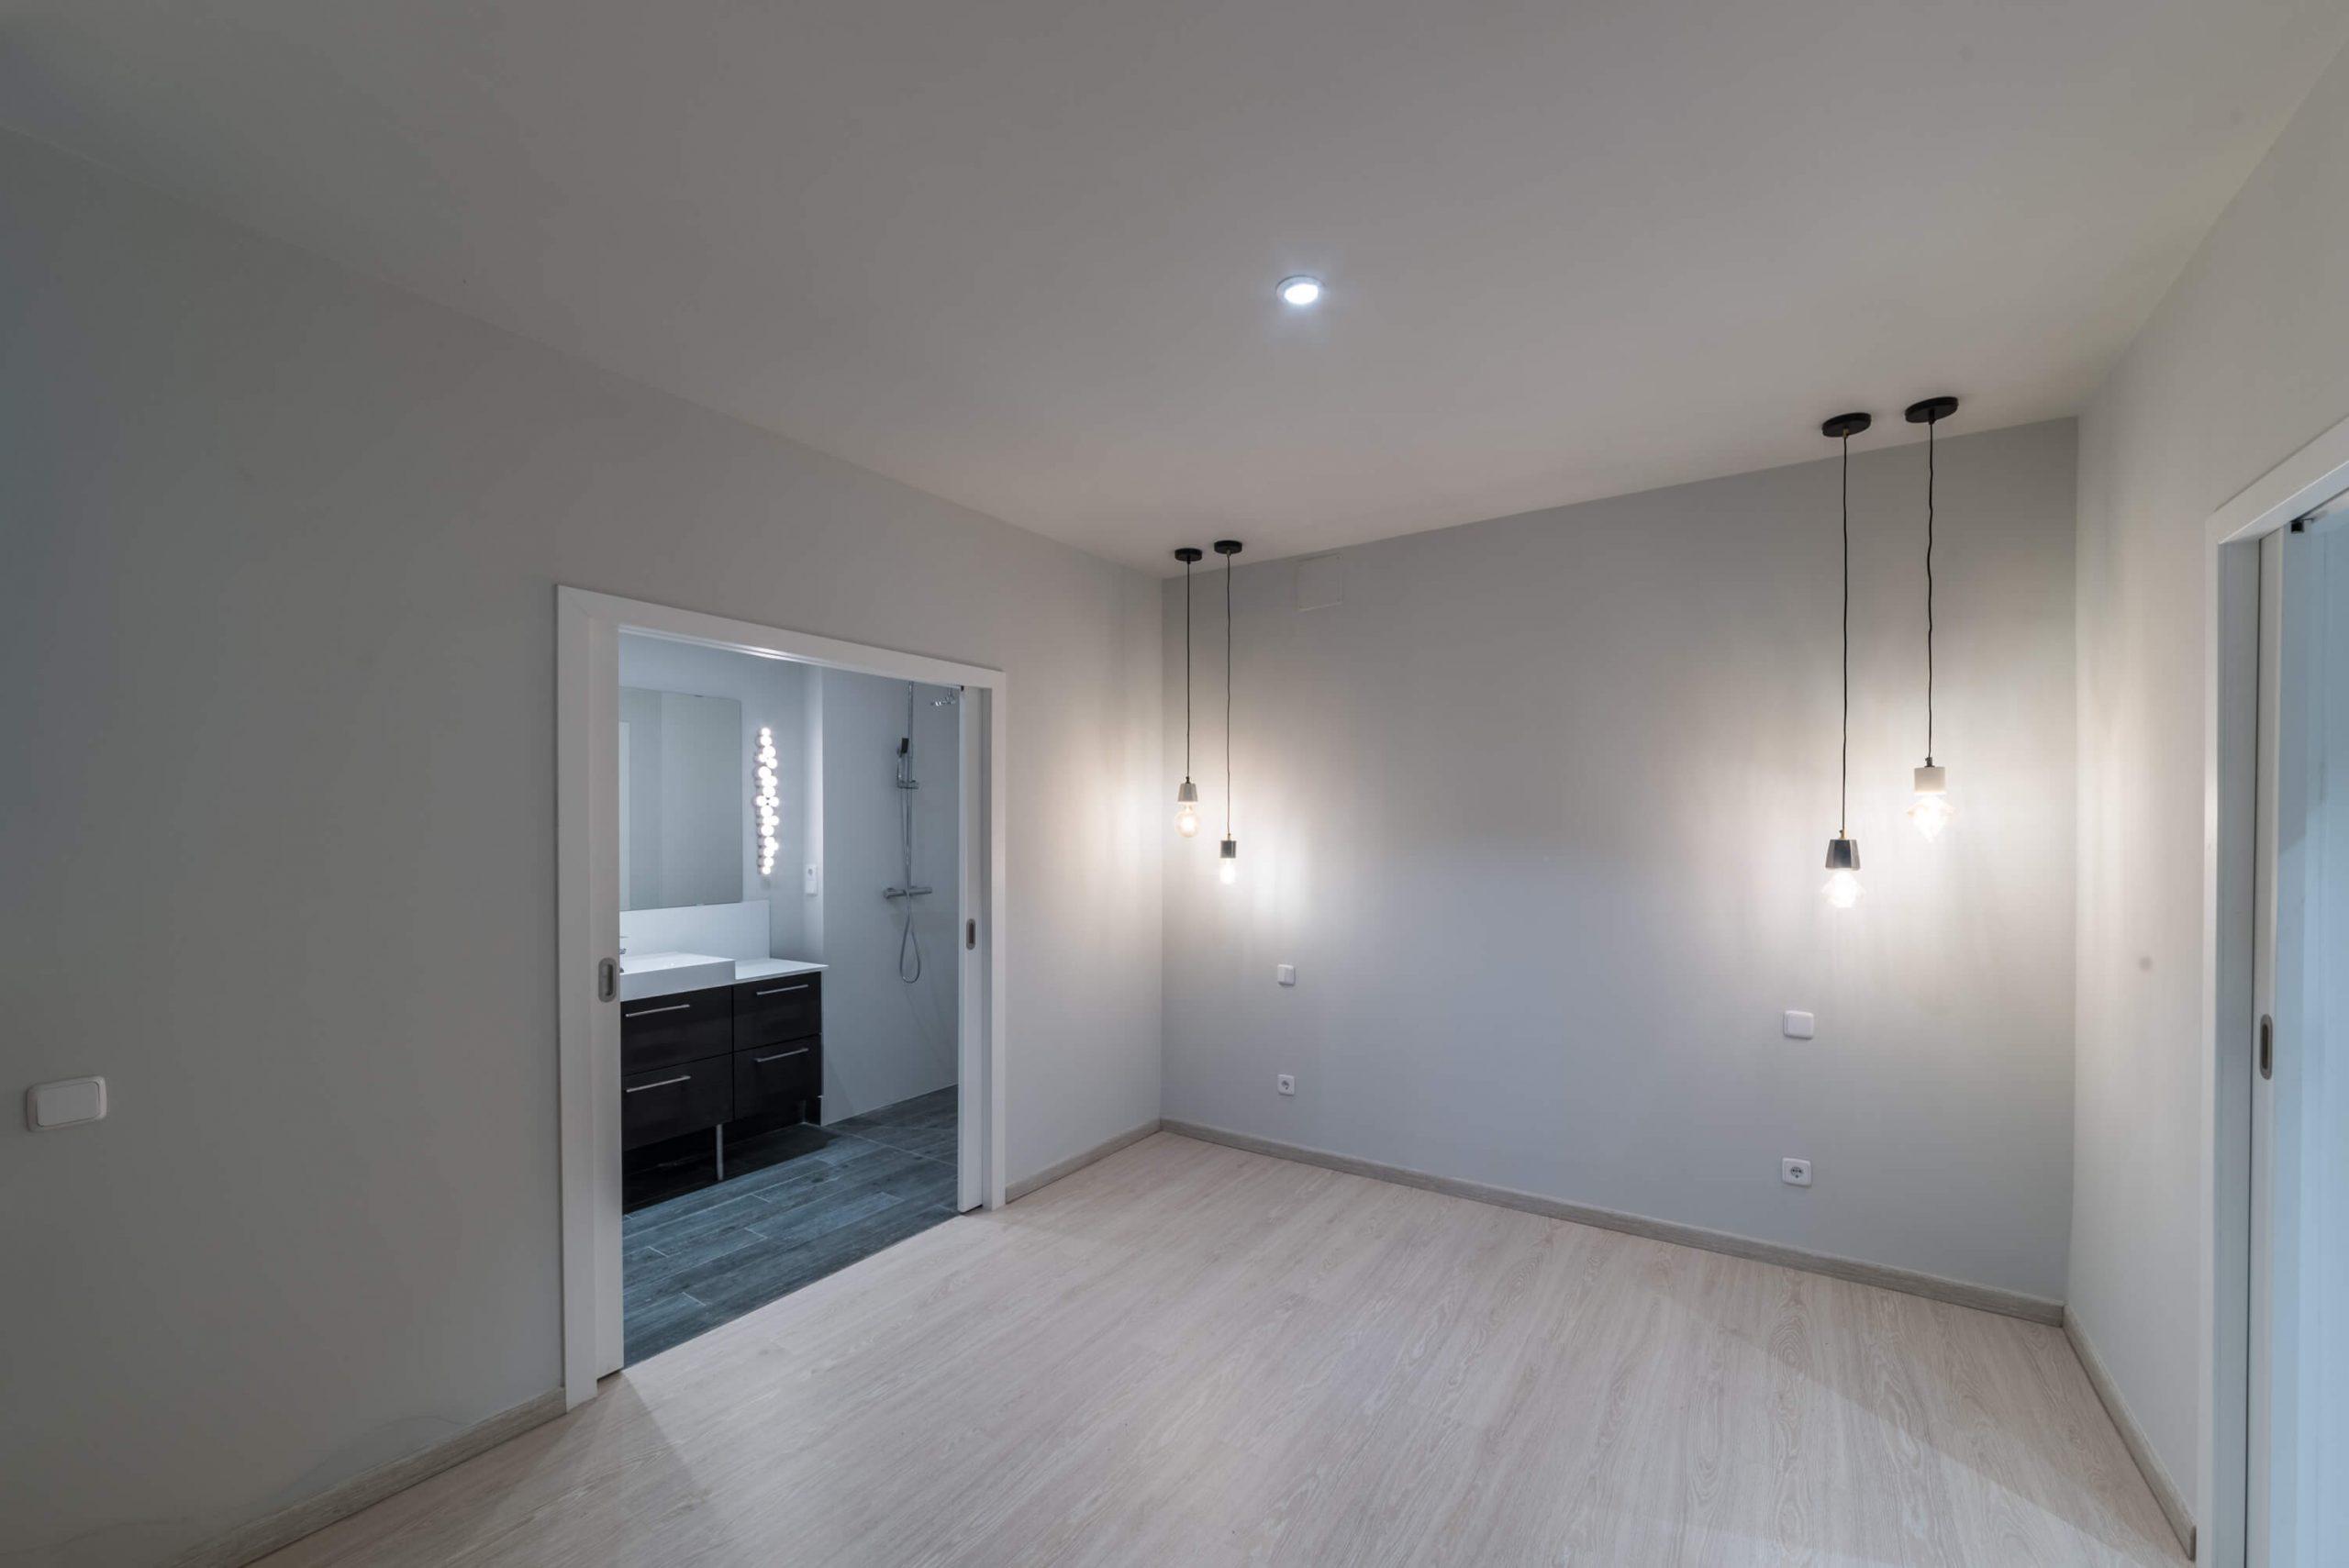 habitacion y bano tras reforma de local convertido en vivienda